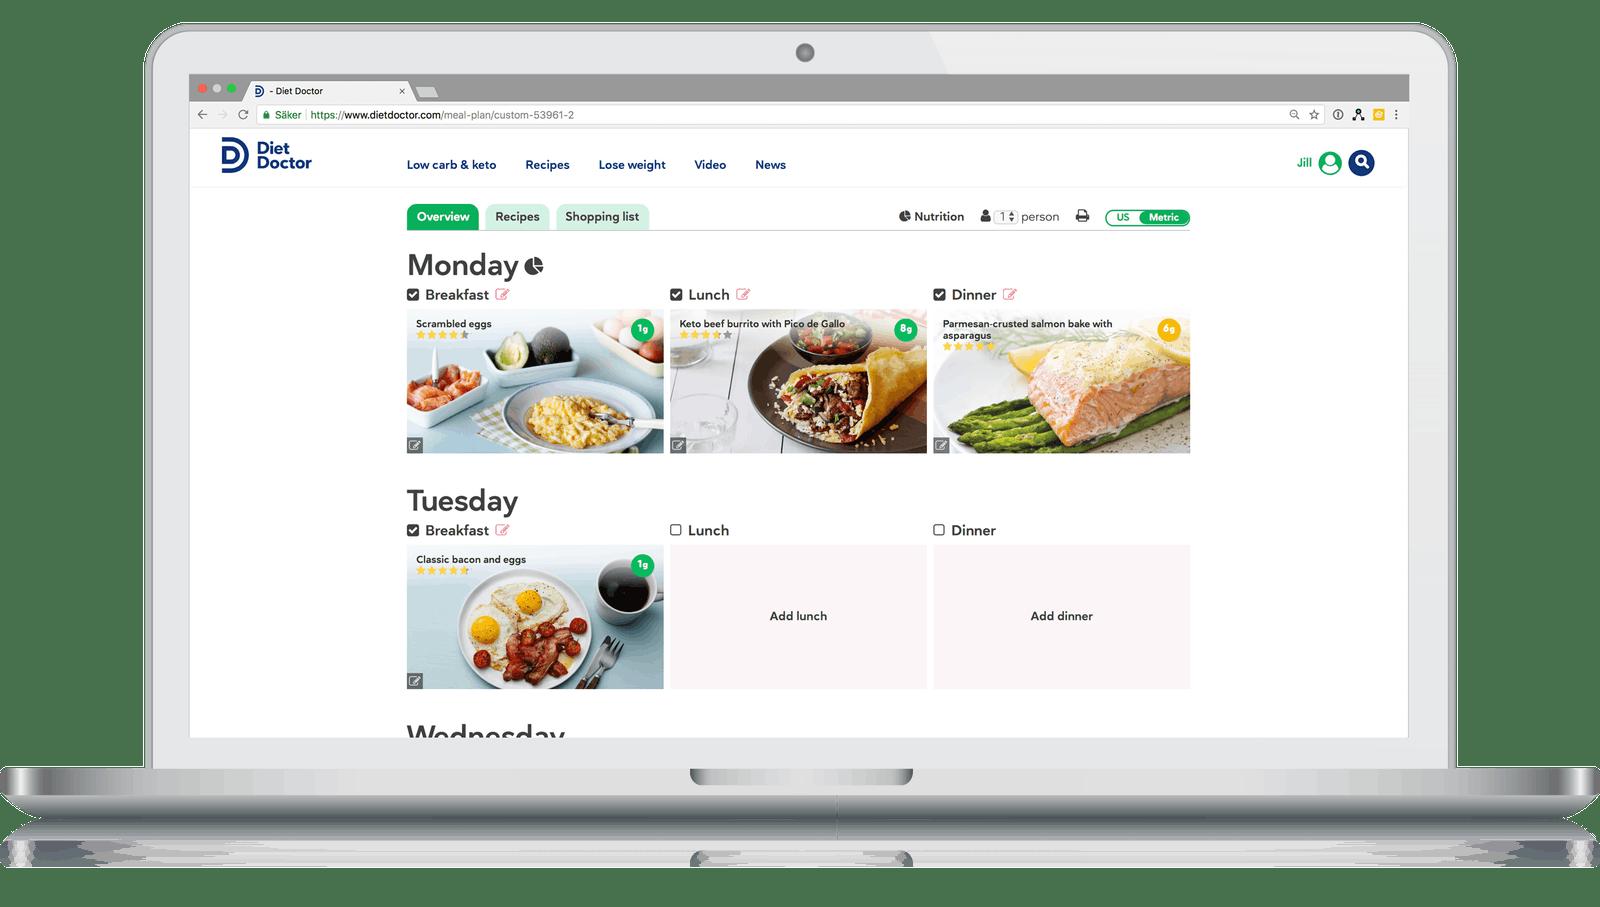 Planificador de comidas para la dieta keto